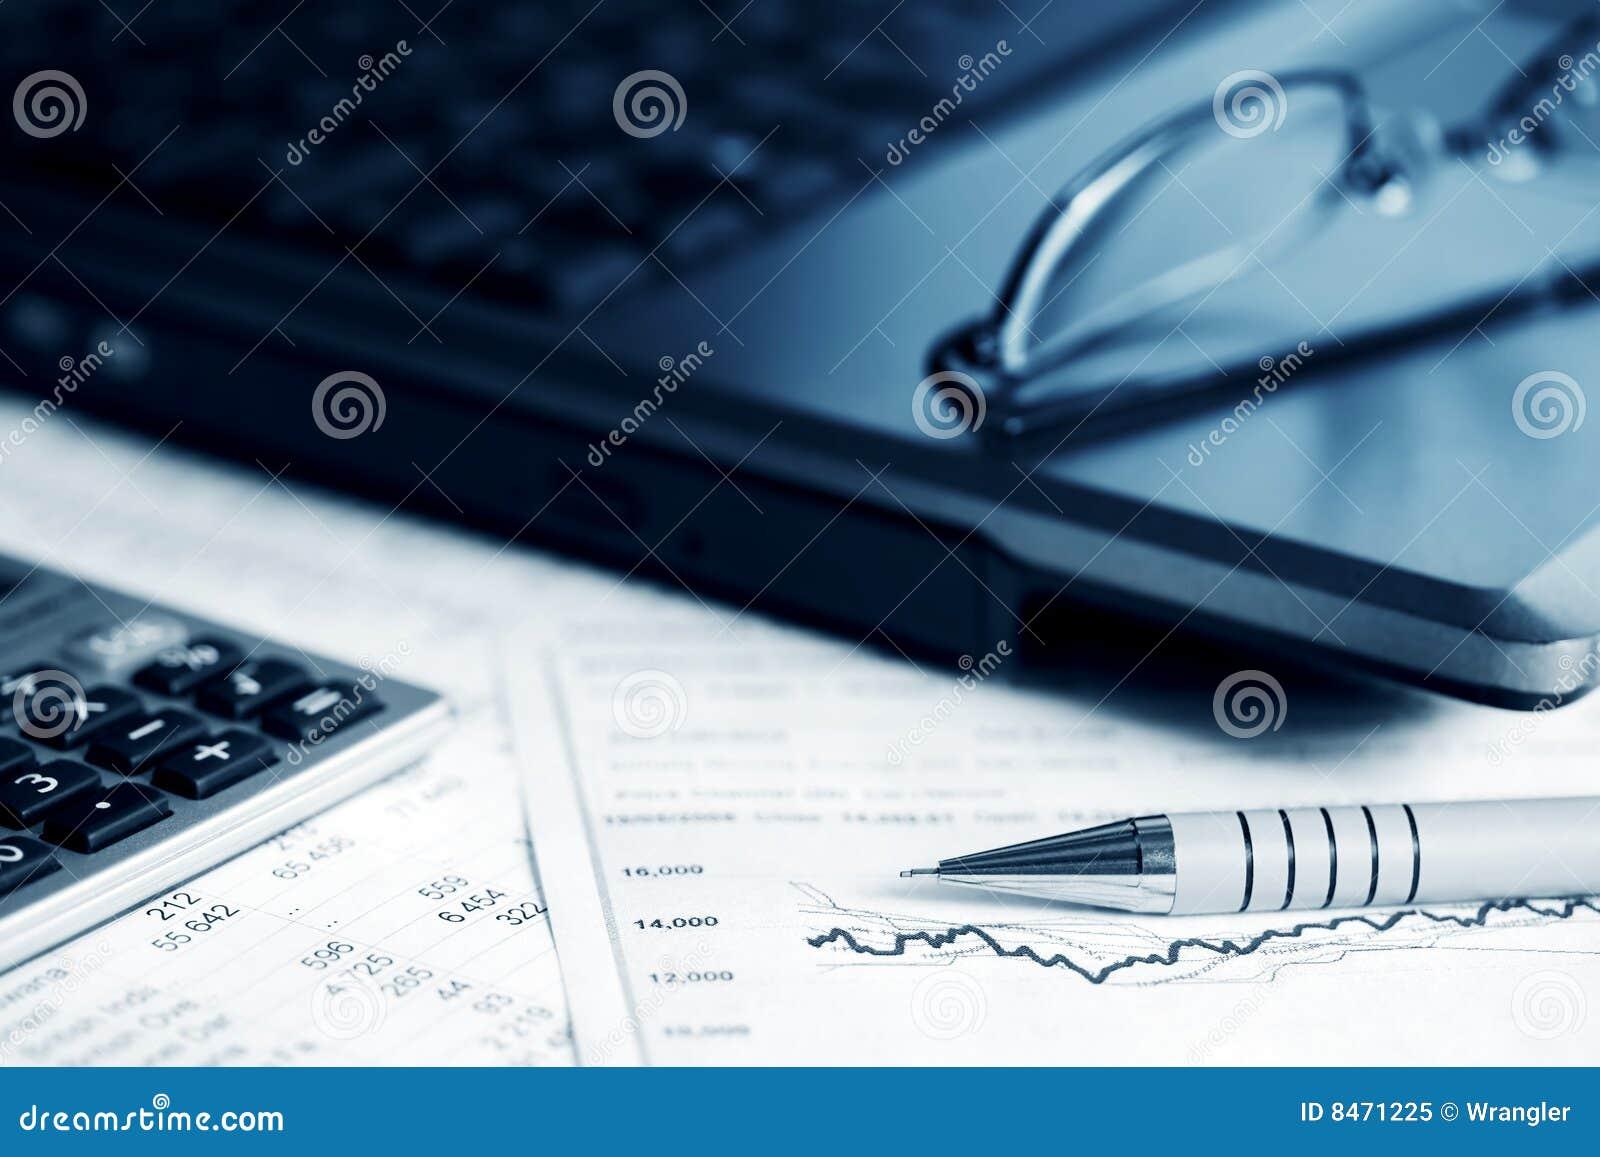 Materiel för marknadsrapporter